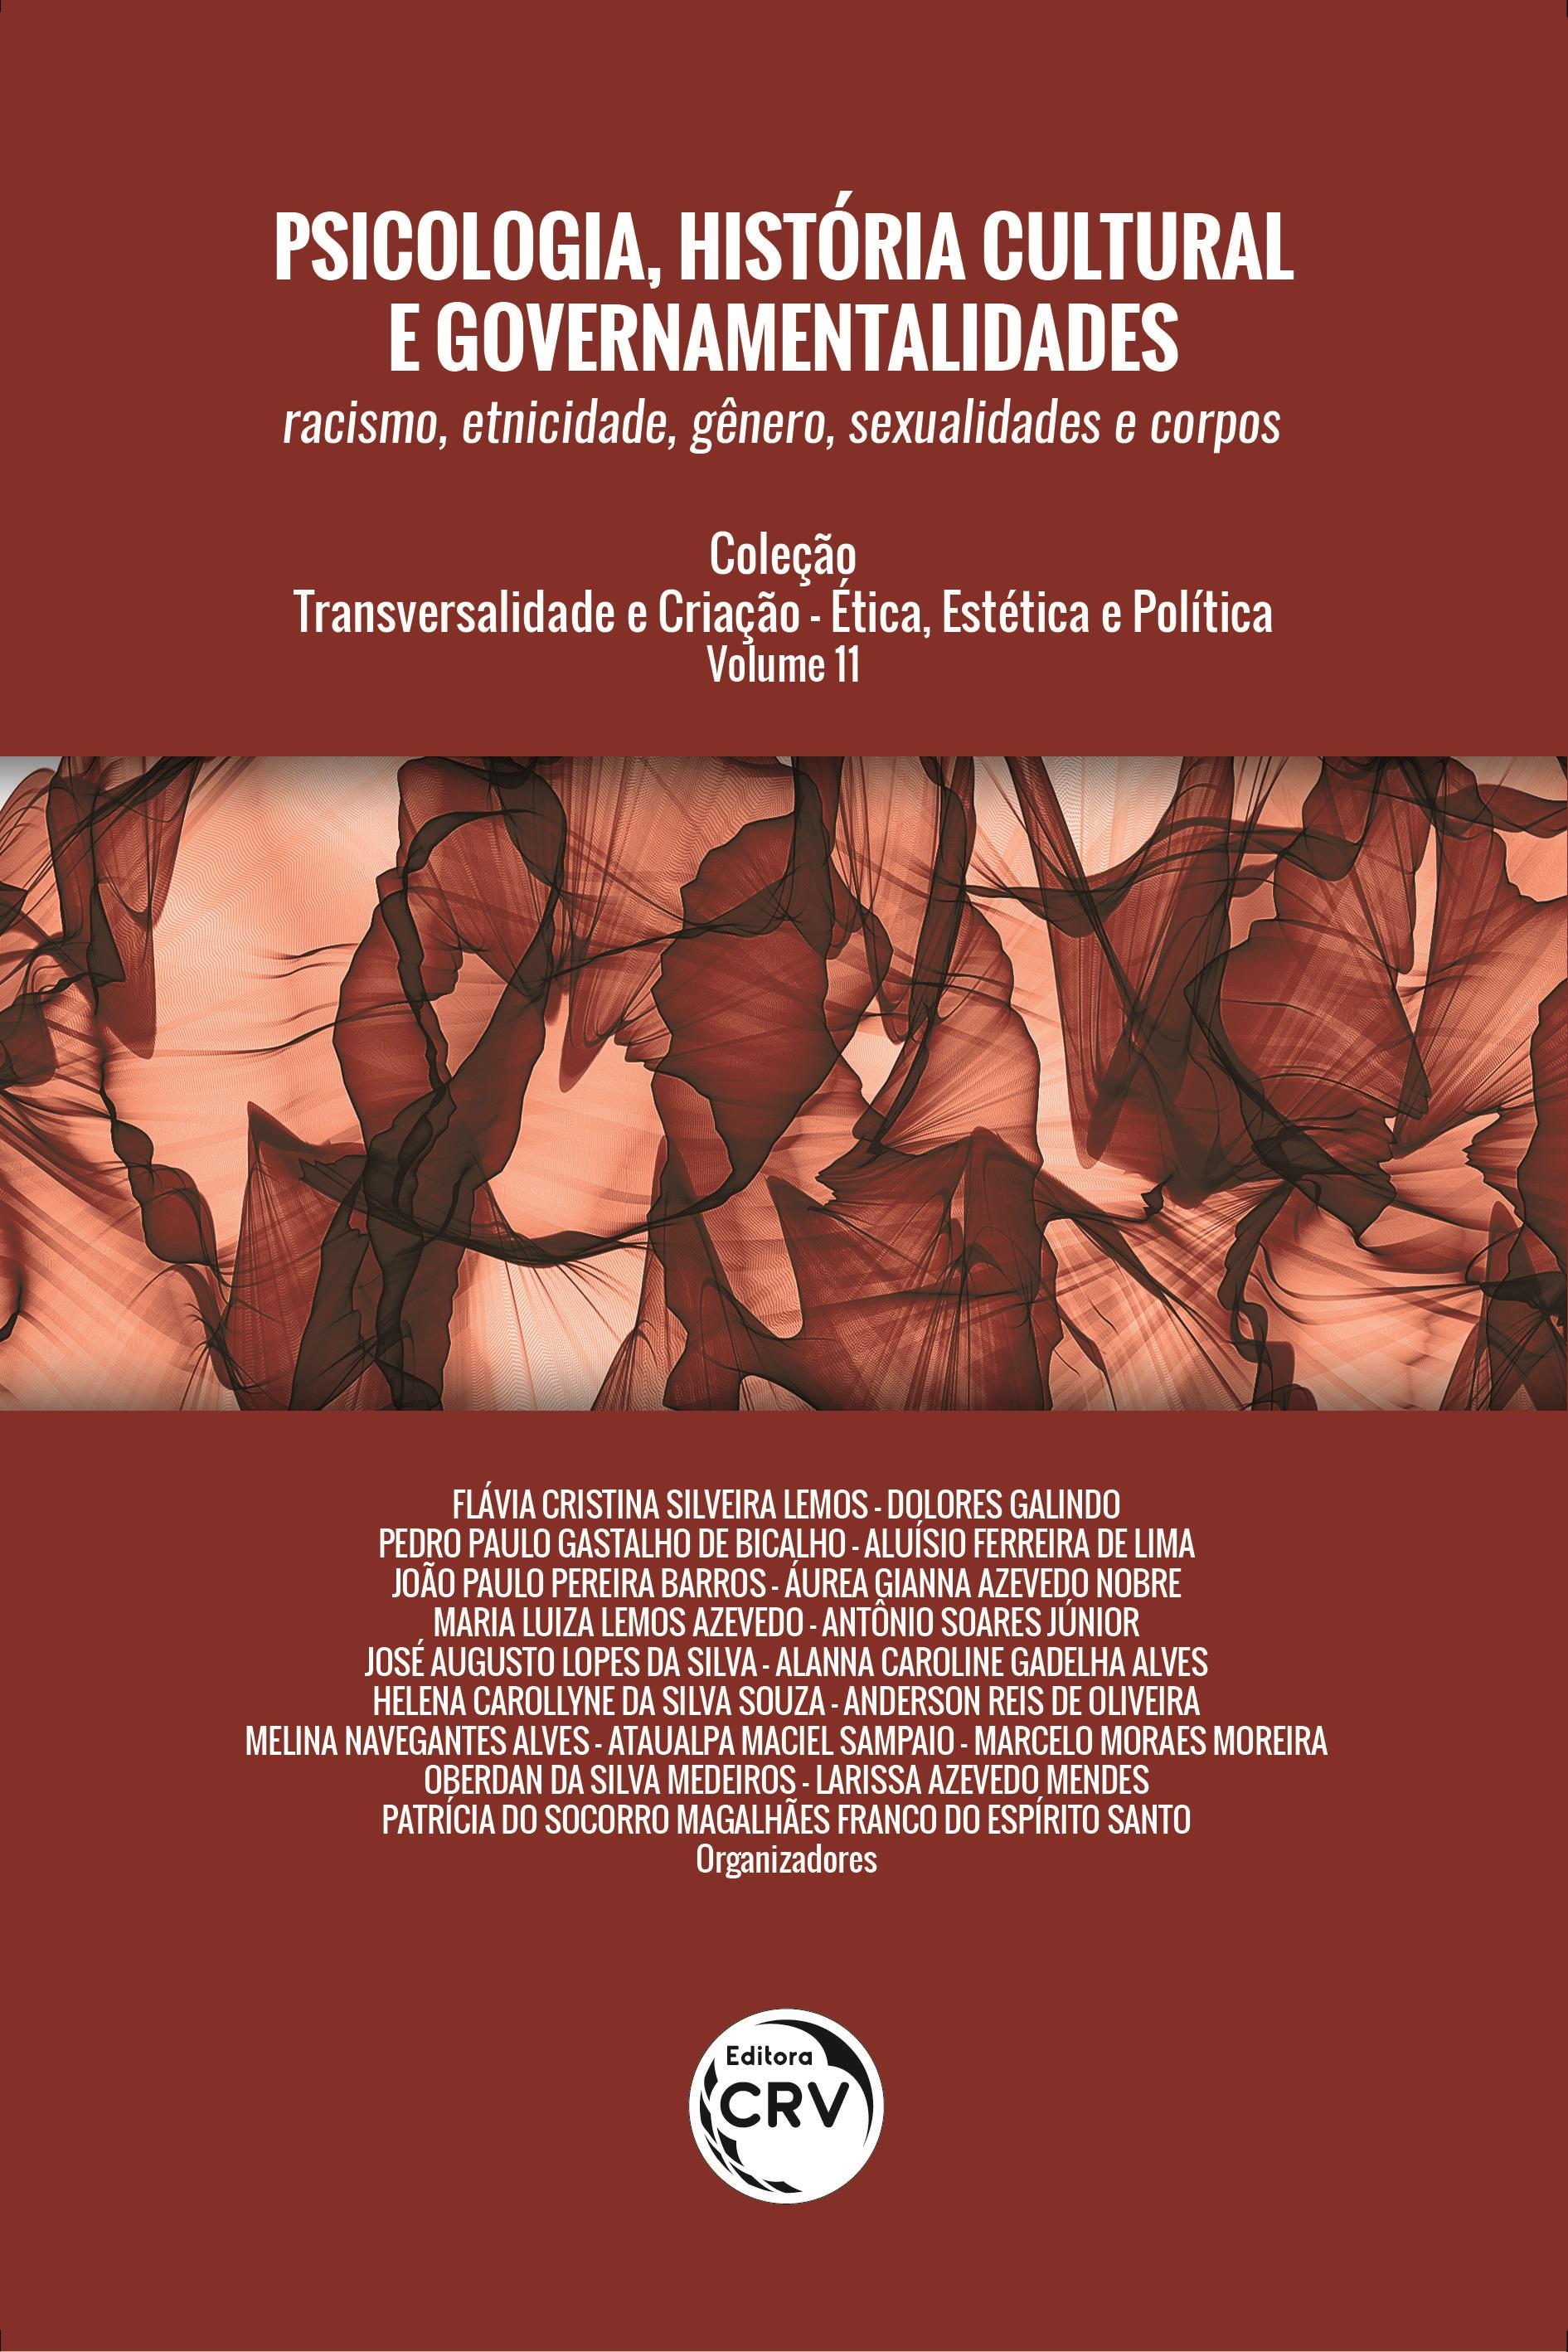 Capa do livro: PSICOLOGIA, HISTÓRIA CULTURAL E GOVERNAMENTALIDADES: <br>racismo, etnicidade, gênero, sexualidades e corpos Coleção: Transversalidade e Criação - Ética, Estética e Política <br>Volume 11